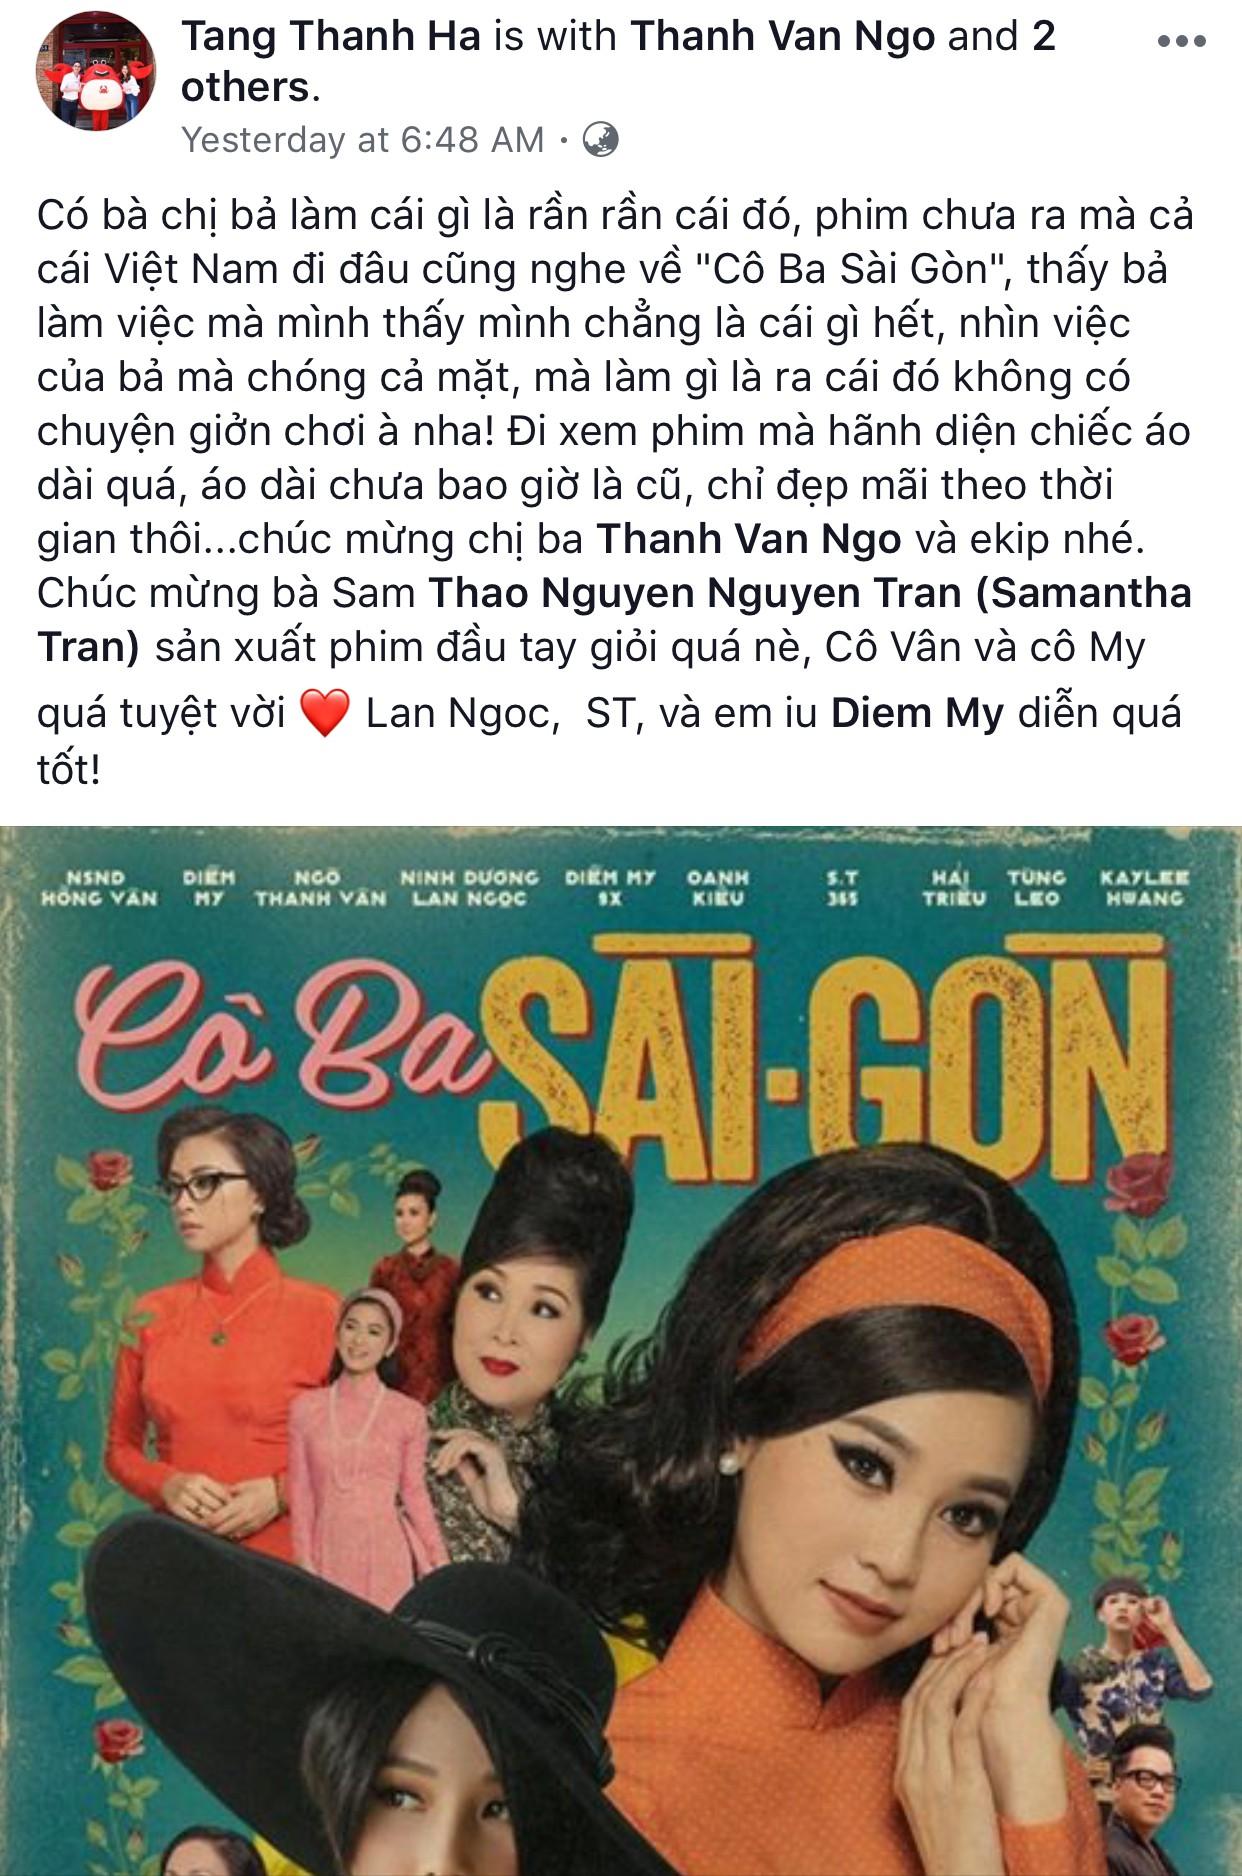 Tăng Thanh Hà, Lương Mạnh Hải và nhiều sao Việt đồng loạt khen ngợi Cô Ba Sài Gòn hết lời - Ảnh 2.